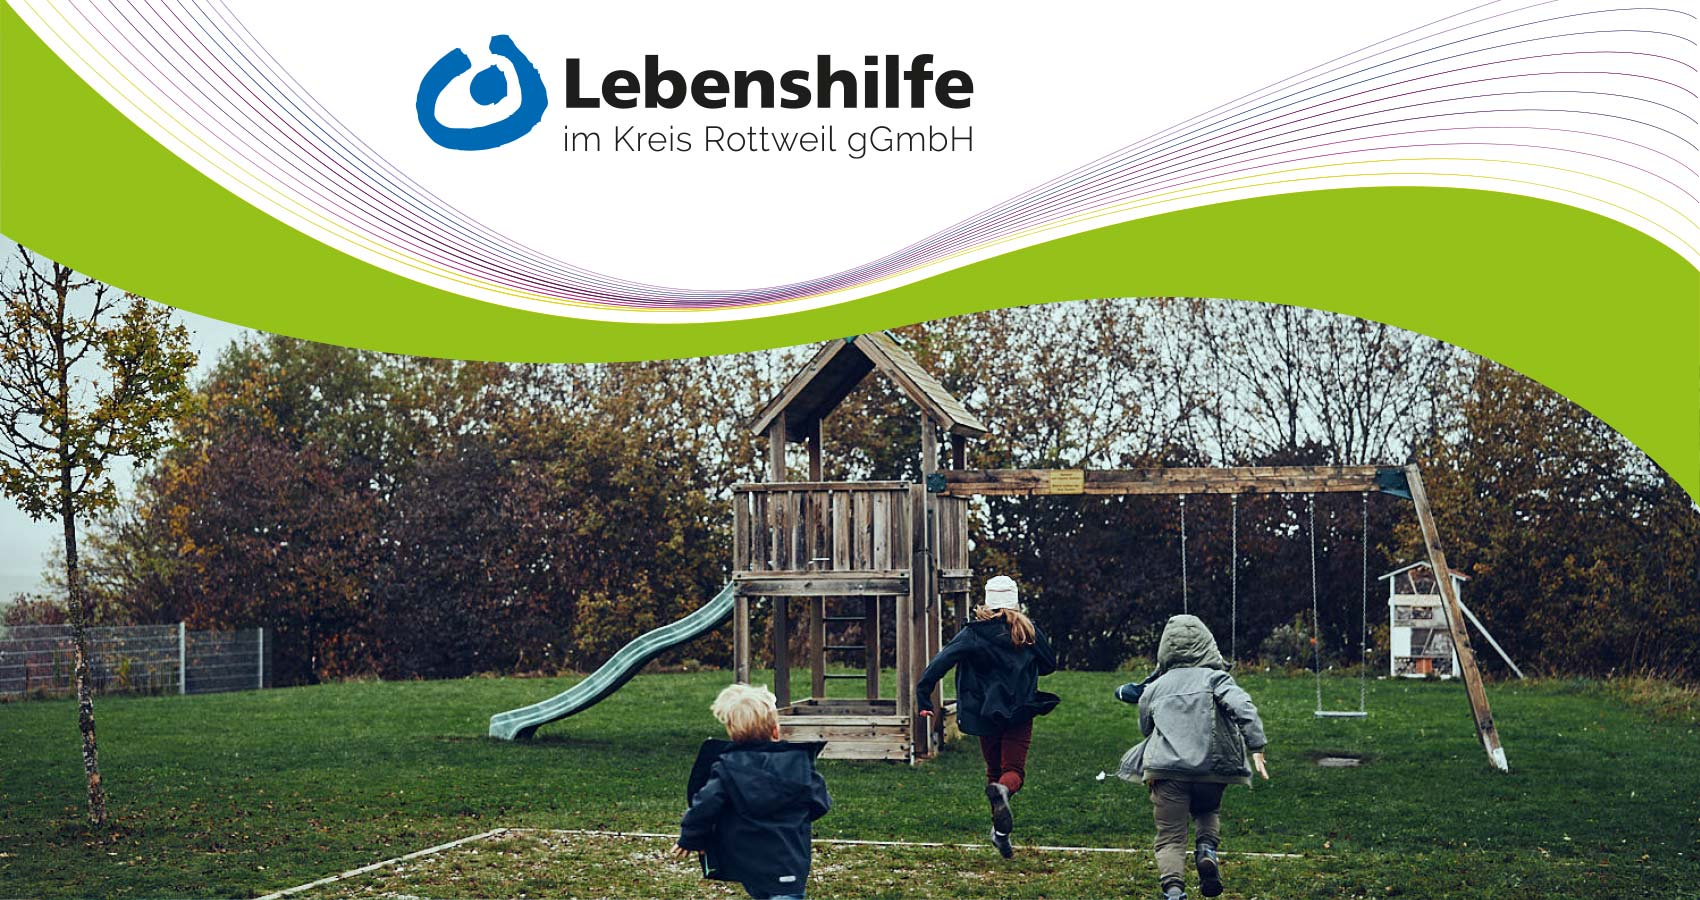 Lebenshilfe im Kreis Rottweil gGmbH - Freizeitangebot - Kinder Angebote